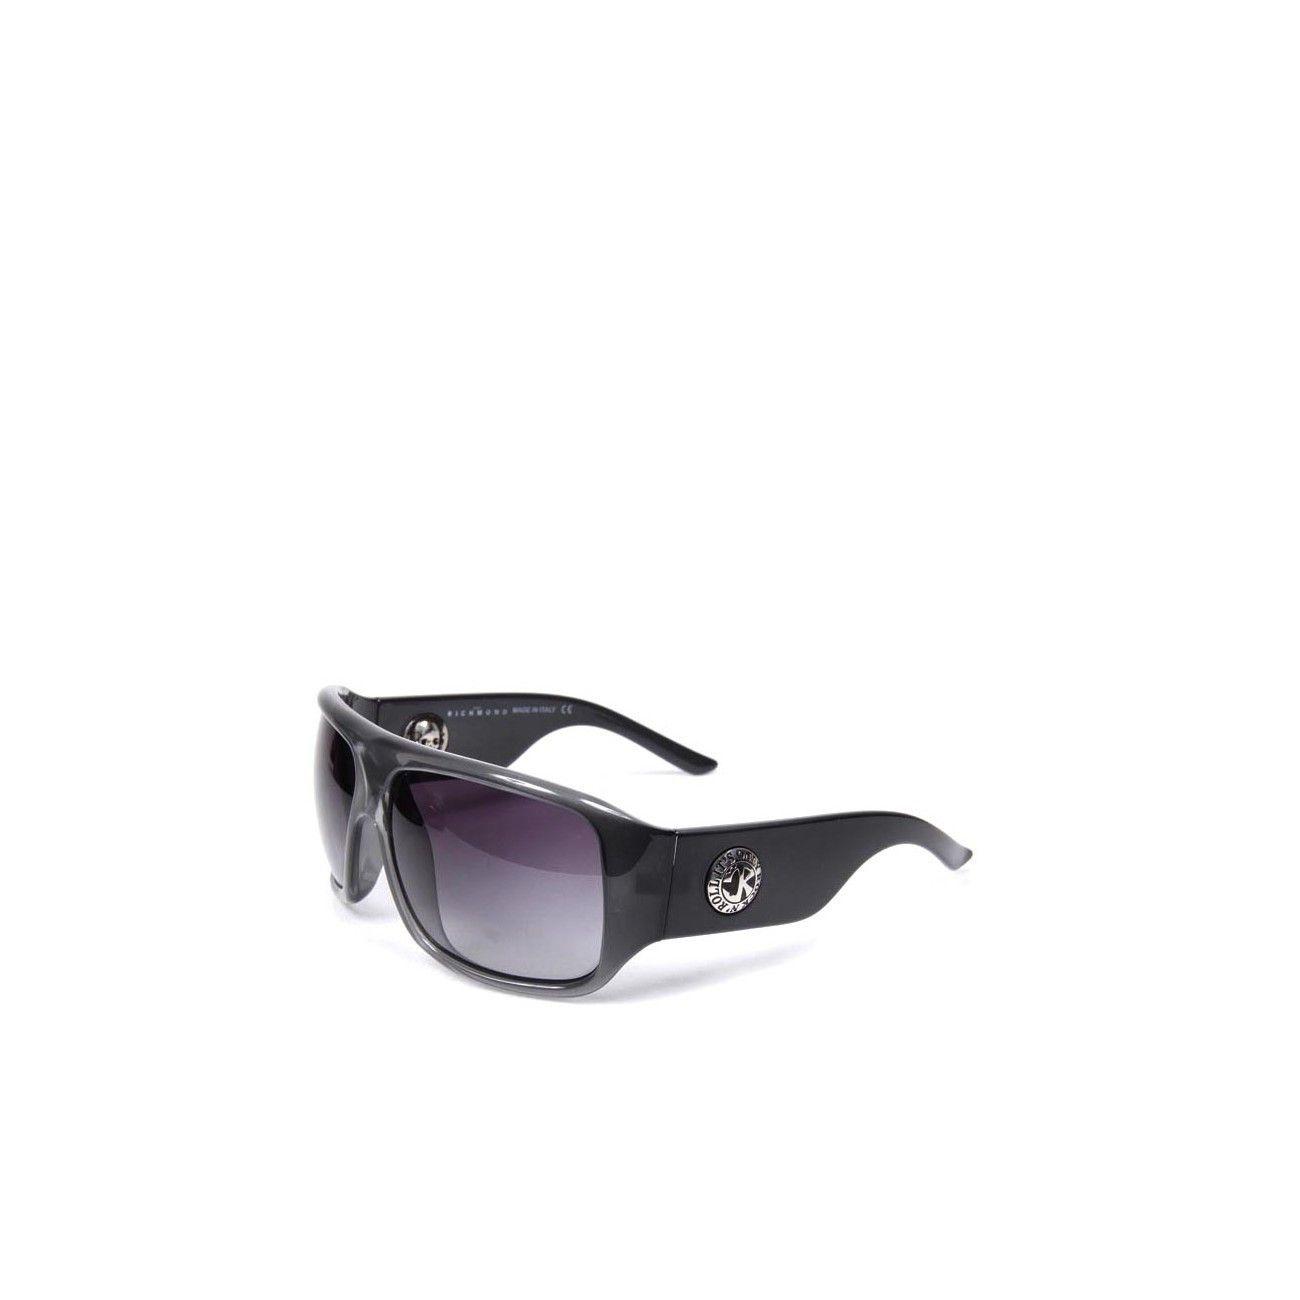 c82a8a37931 Composition · John Richmond ladies sunglasses JR67002 Details - External  Composition  Pvc - Eye ...